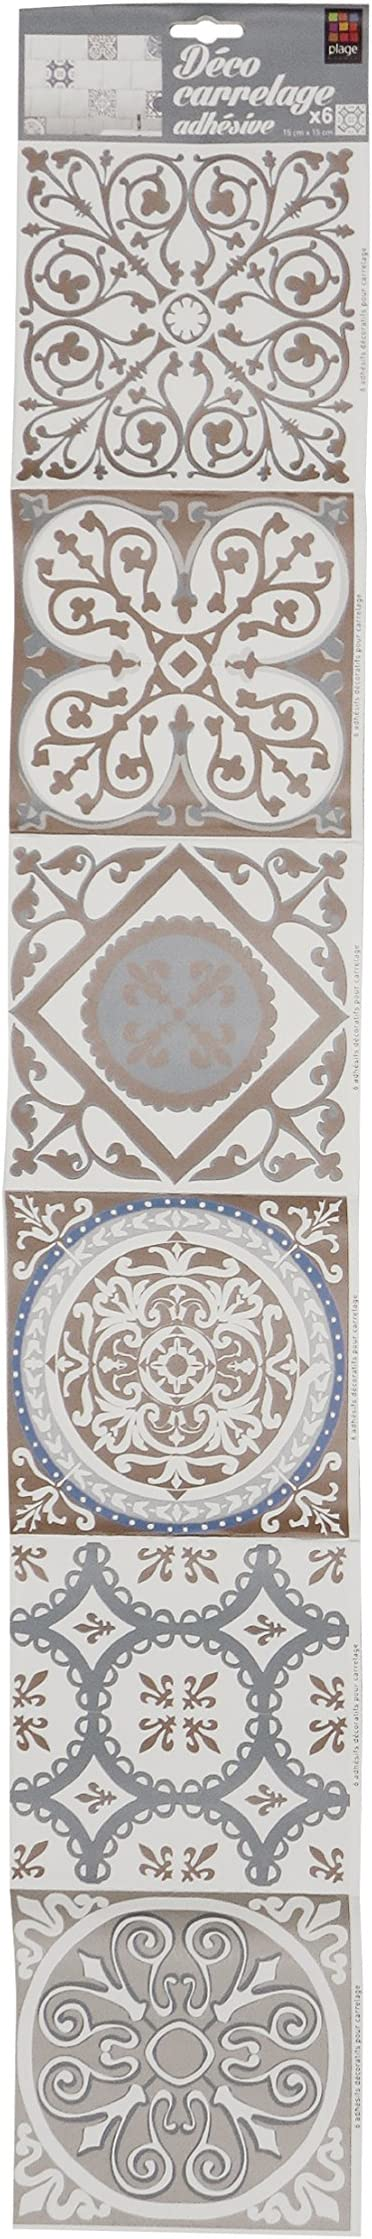 Plage 260540/Autocollants souples imitation 1 planche de 6 D/écos carrelage adh/ésives Vinyle 15/x 0,1/x 15/cm Beige